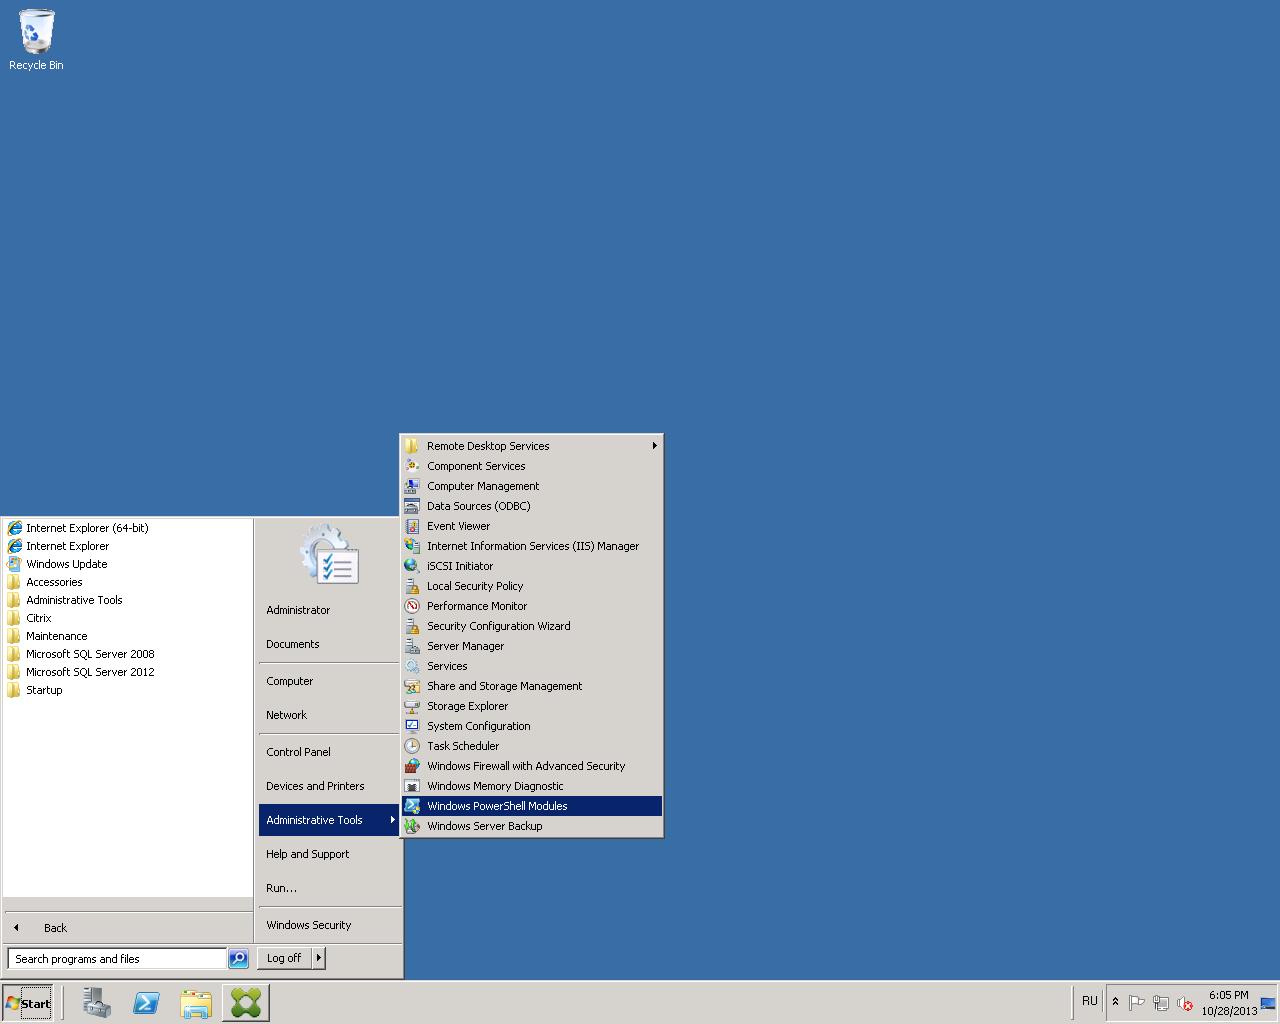 Настройка аутентификации в Citrix XenDesktop 7.x c использованием смарт-карт JaCarta PKI - 45